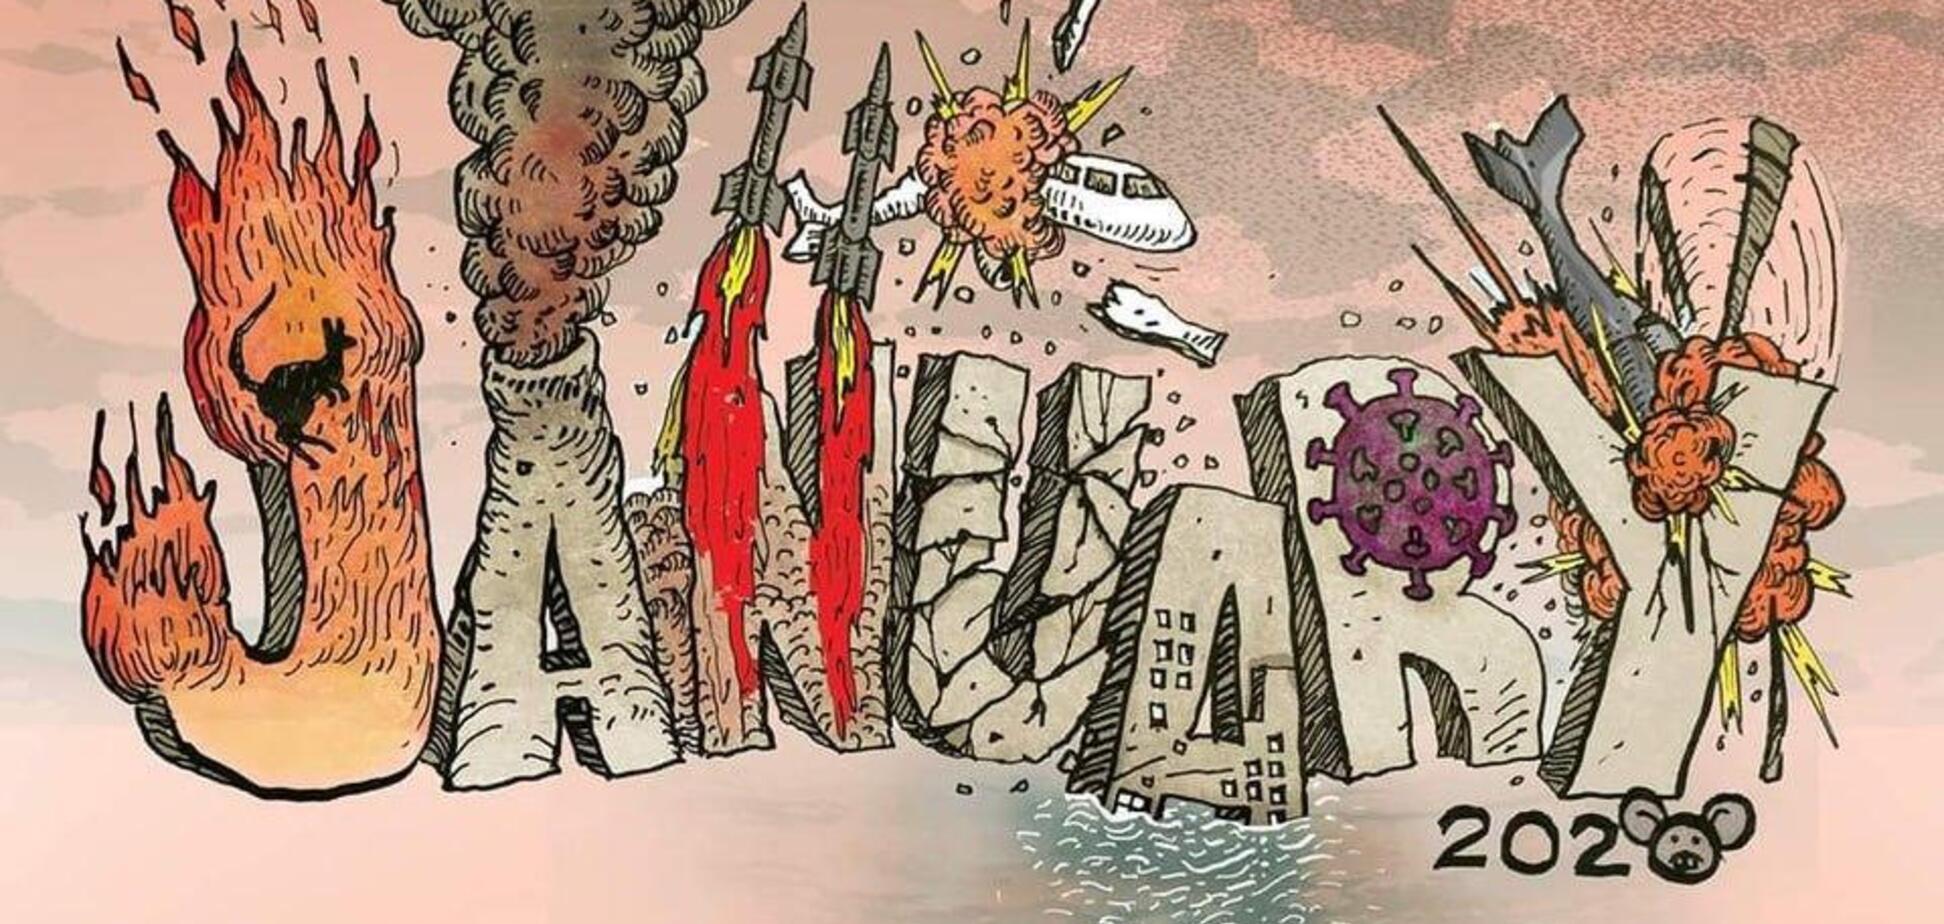 Катастрофа МАУ, Третья Мировая и смертельный вирус: каким мир запомнит ''адский'' январь-2020